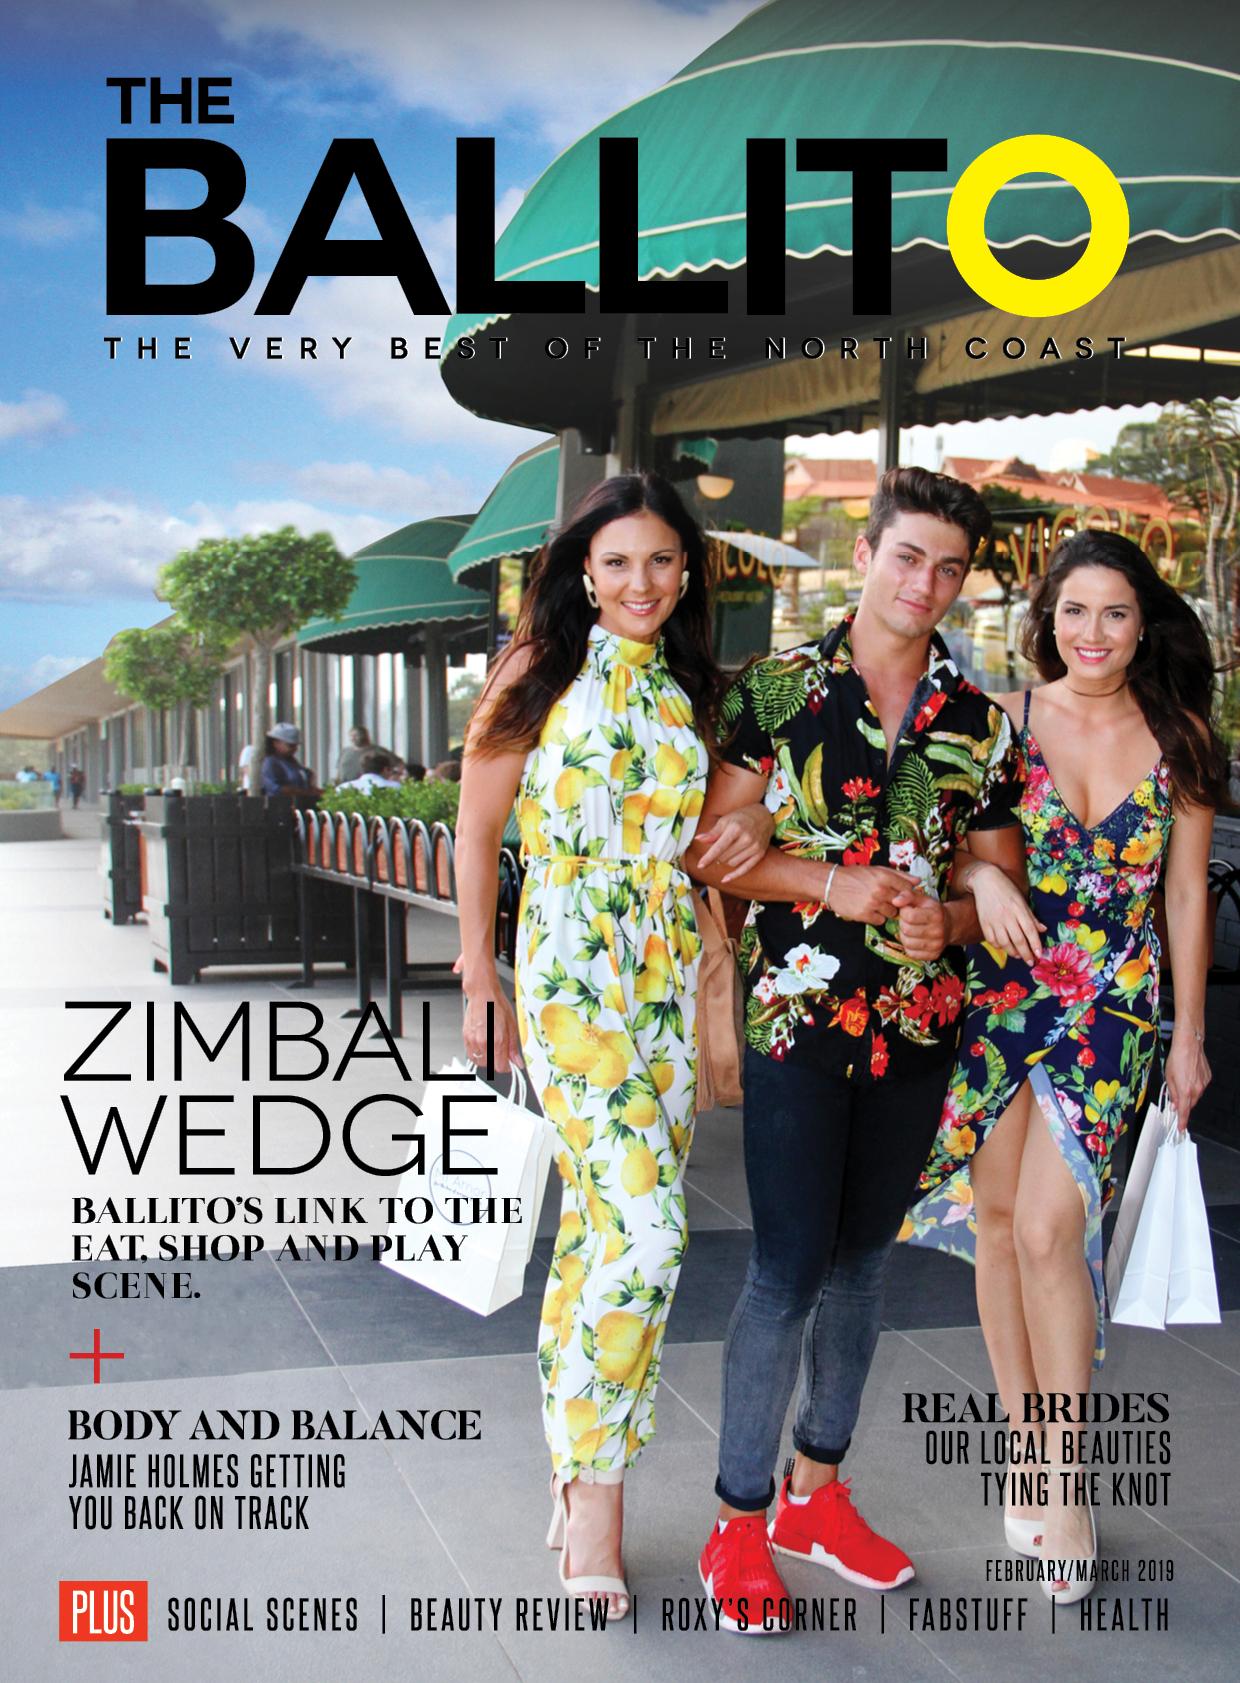 https://www.theumhlangamagazine.co.za/wp-content/uploads/The-Ballito-Magazine-Edition-57.jpg